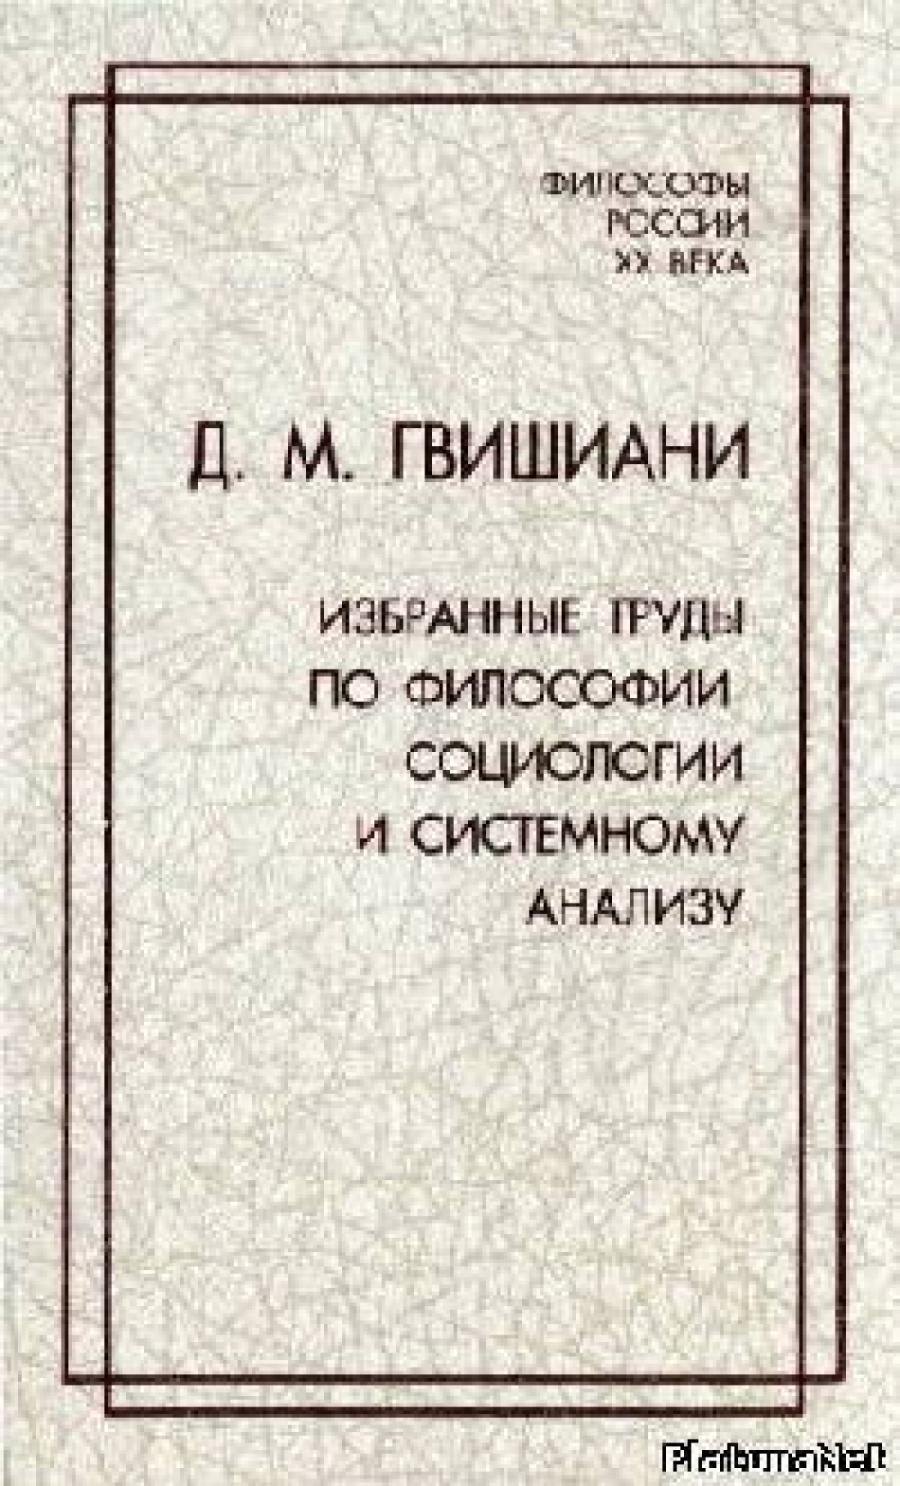 Обложка книги:  д.м. гвишиани - избранные труды по философии, социологии и системному анализу